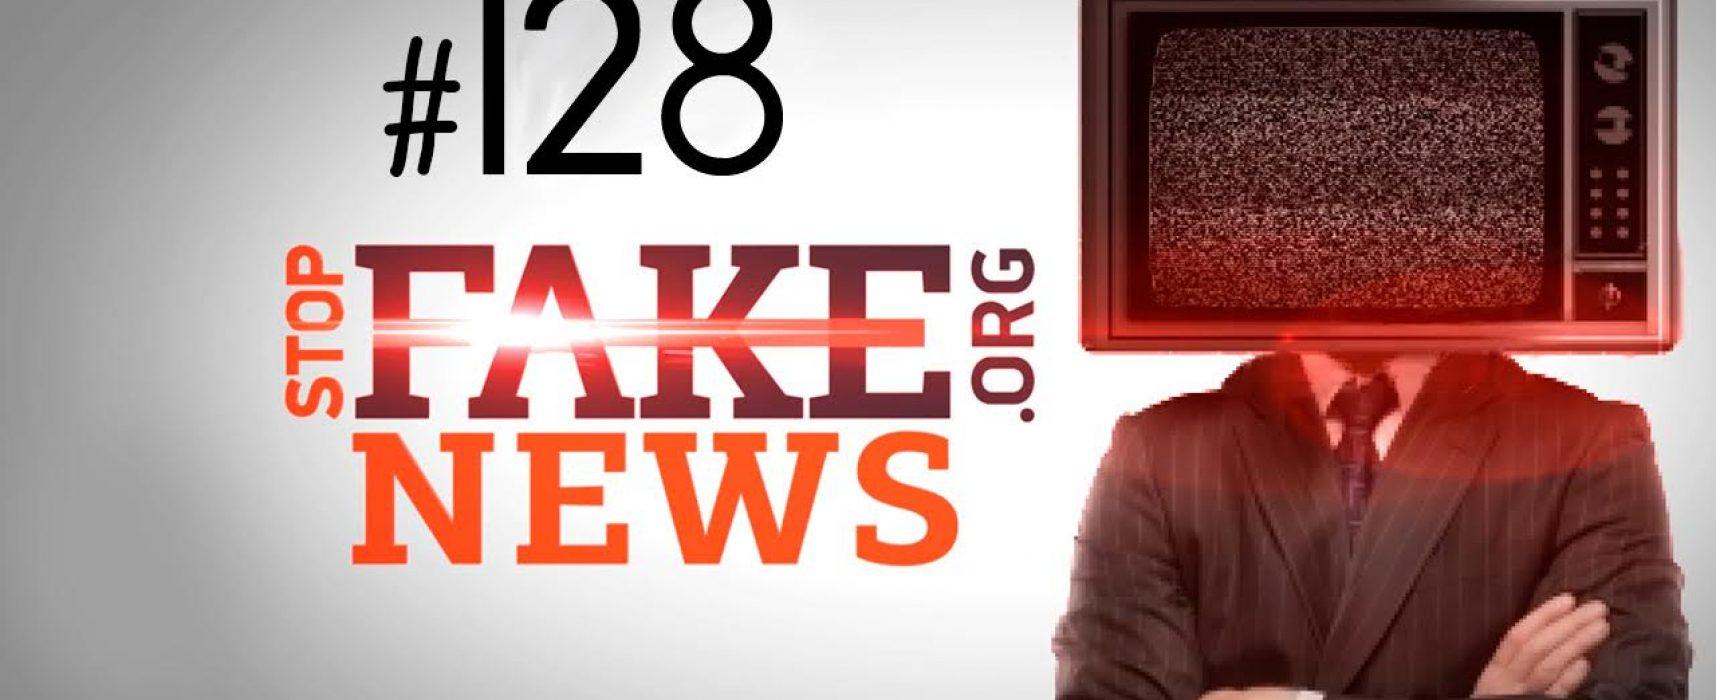 StopFakeNews #128. Новый отчет об MH17: ложь Минобороны РФ и реакция российских СМИ